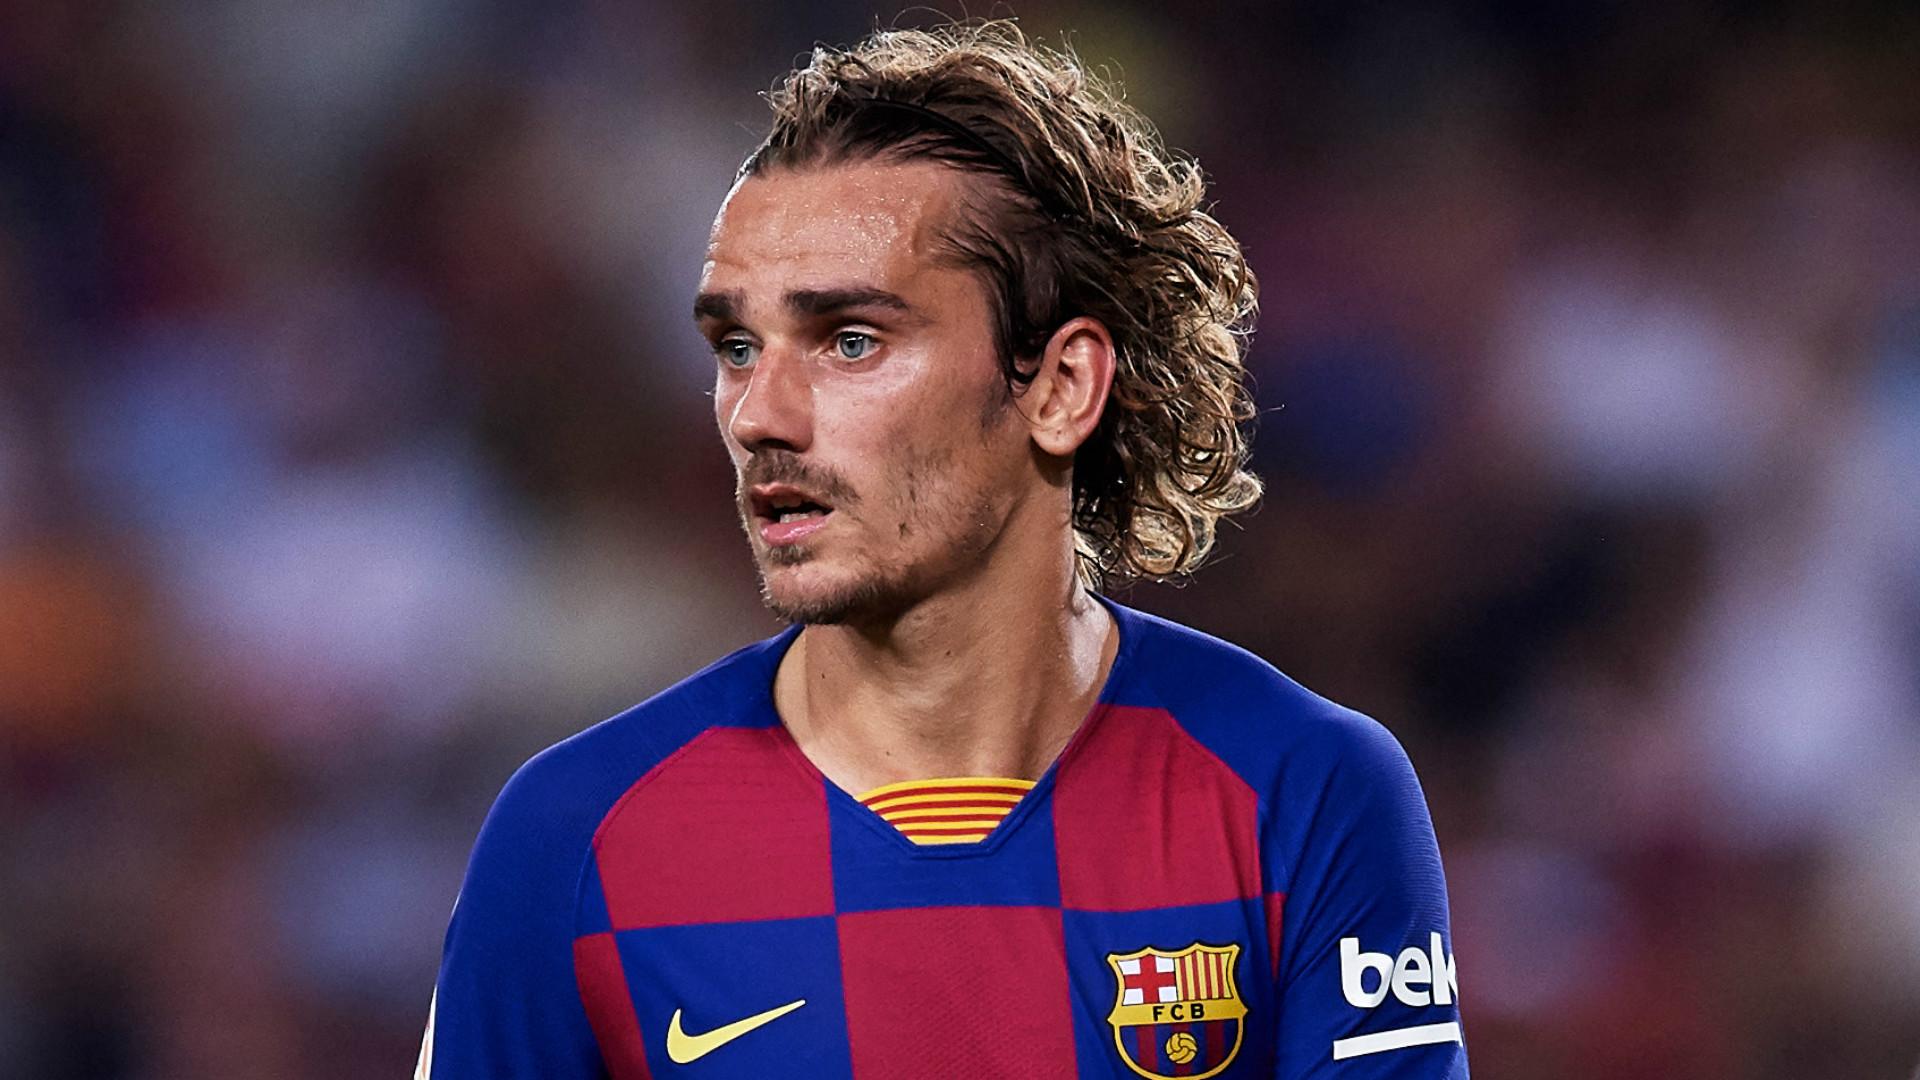 LIVE: Barcelona vs Valencia